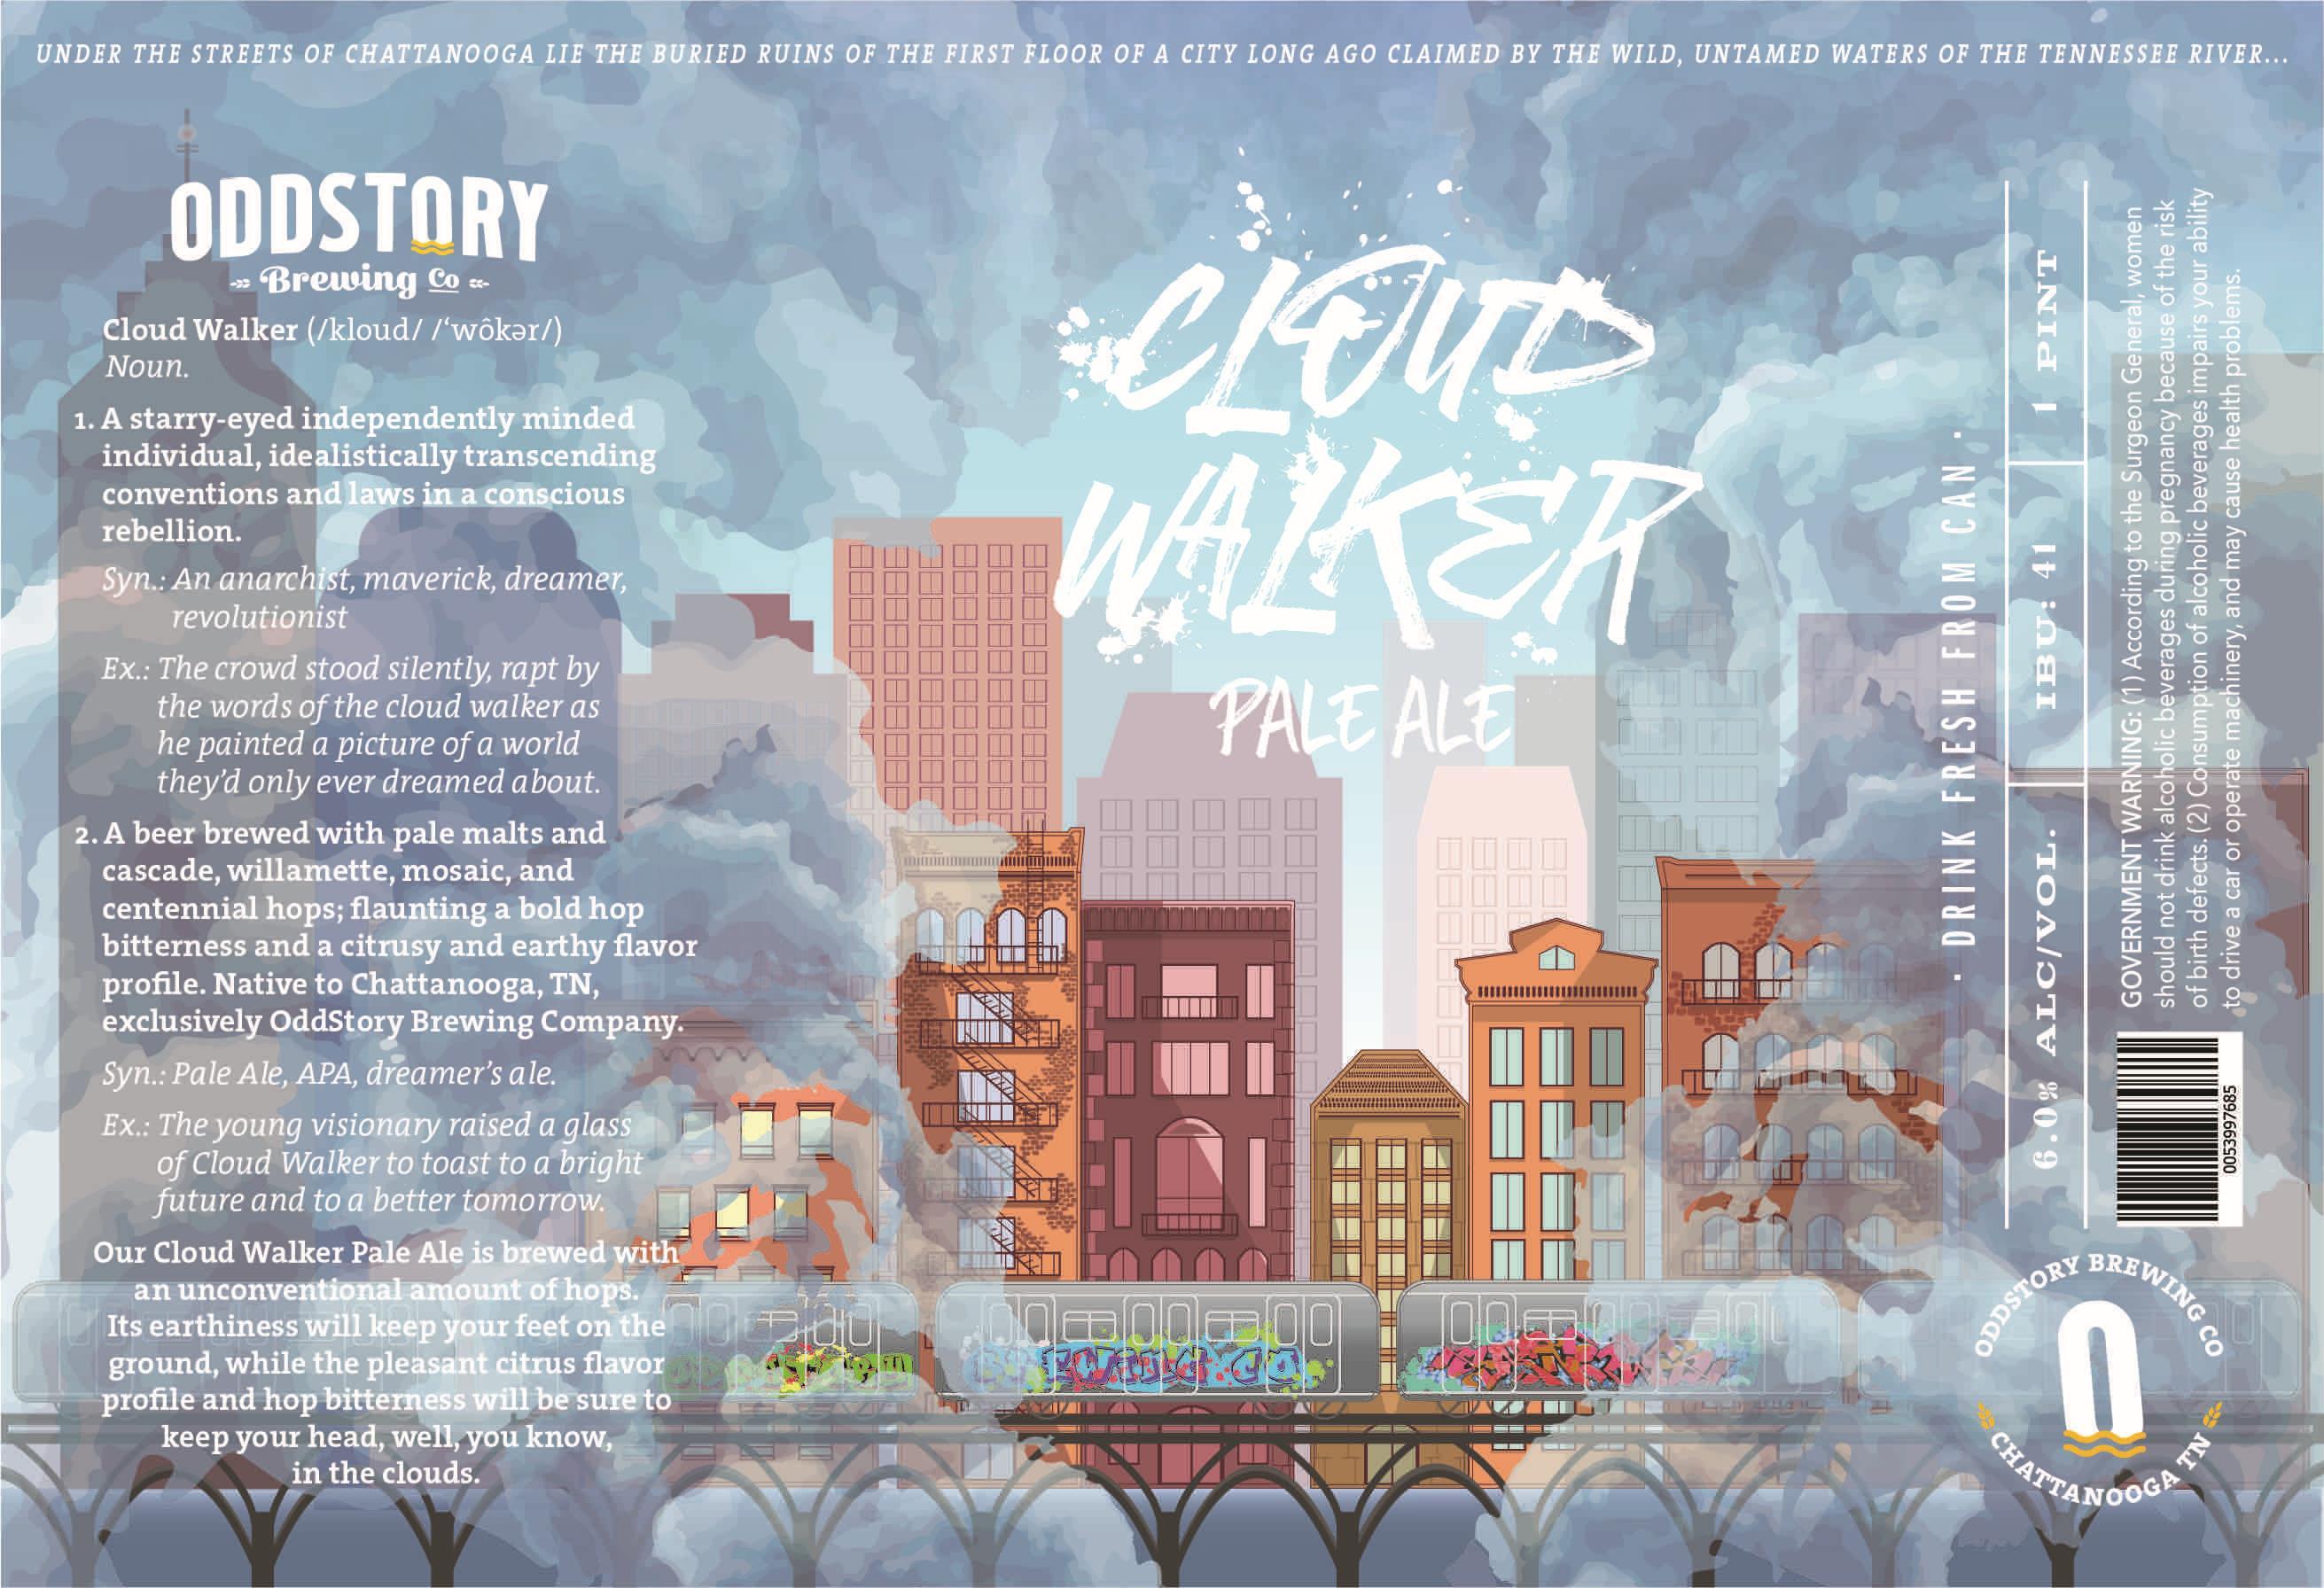 Oddstory Brewing Company Cloud Walker Pale Ale